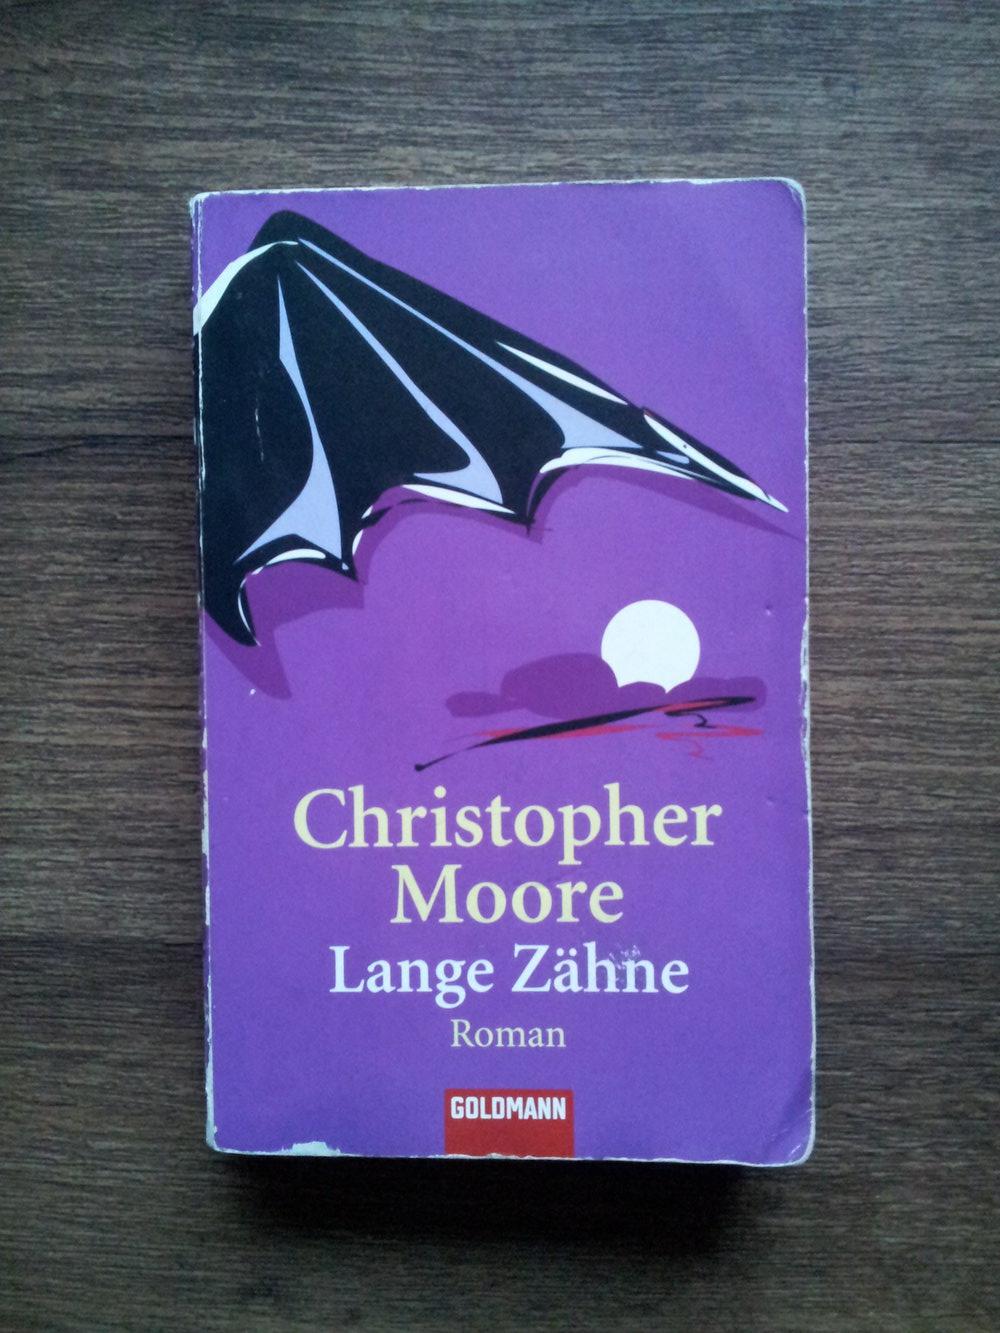 Spiegel Bestseller Bücher